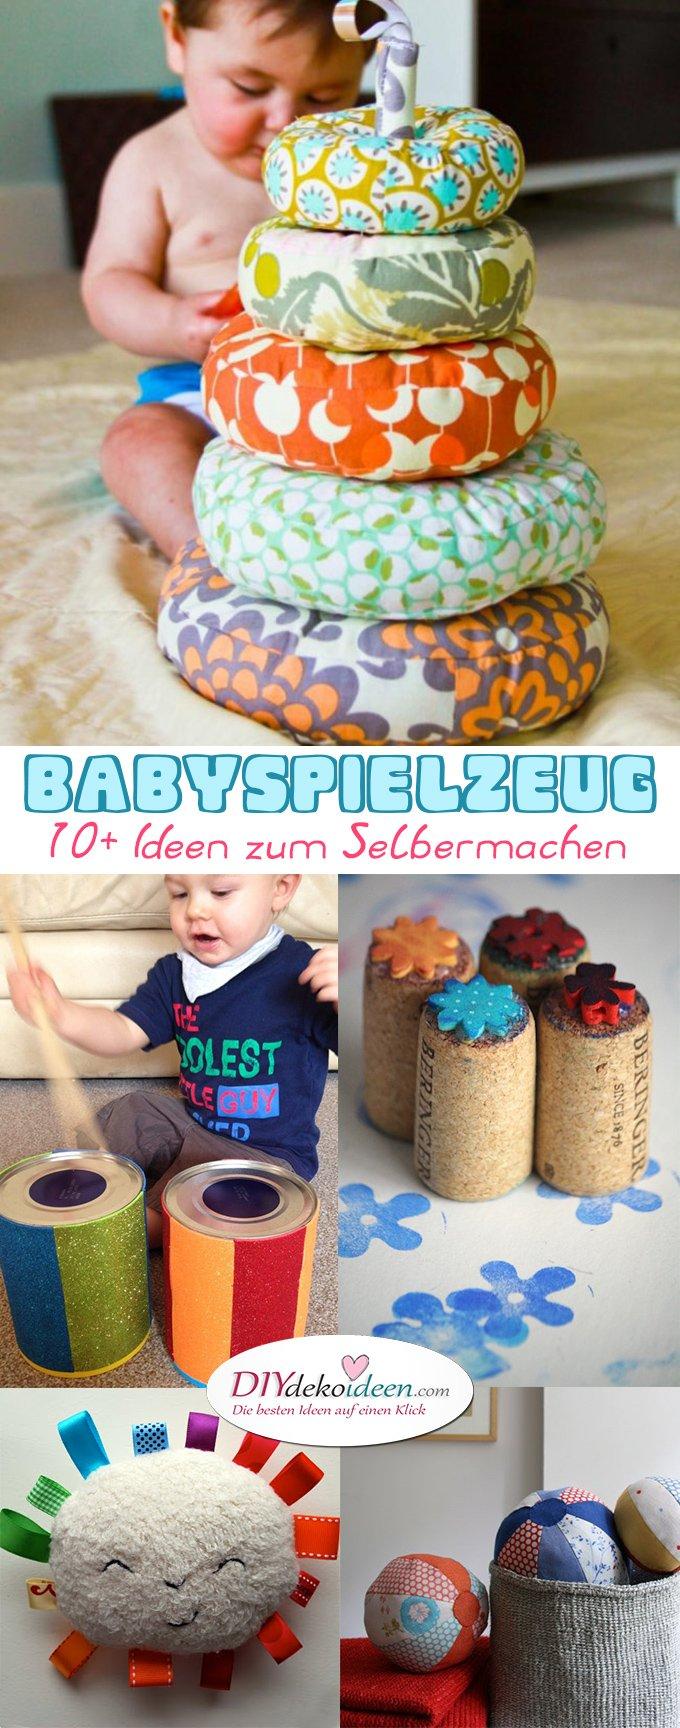 Babyspielzeug basteln -10+ süße DIY Bastelideen zum Selbermachen